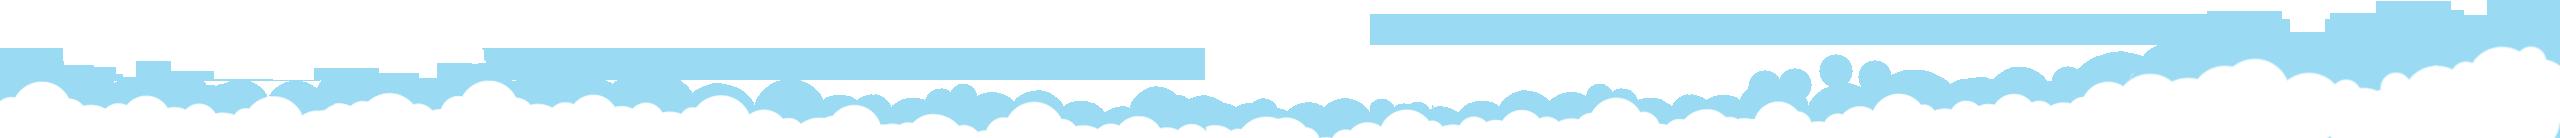 specialized e-commerce Seo services, best Web design company in India,Web design in Coimbatore,Seo in Chennai, Bangalore